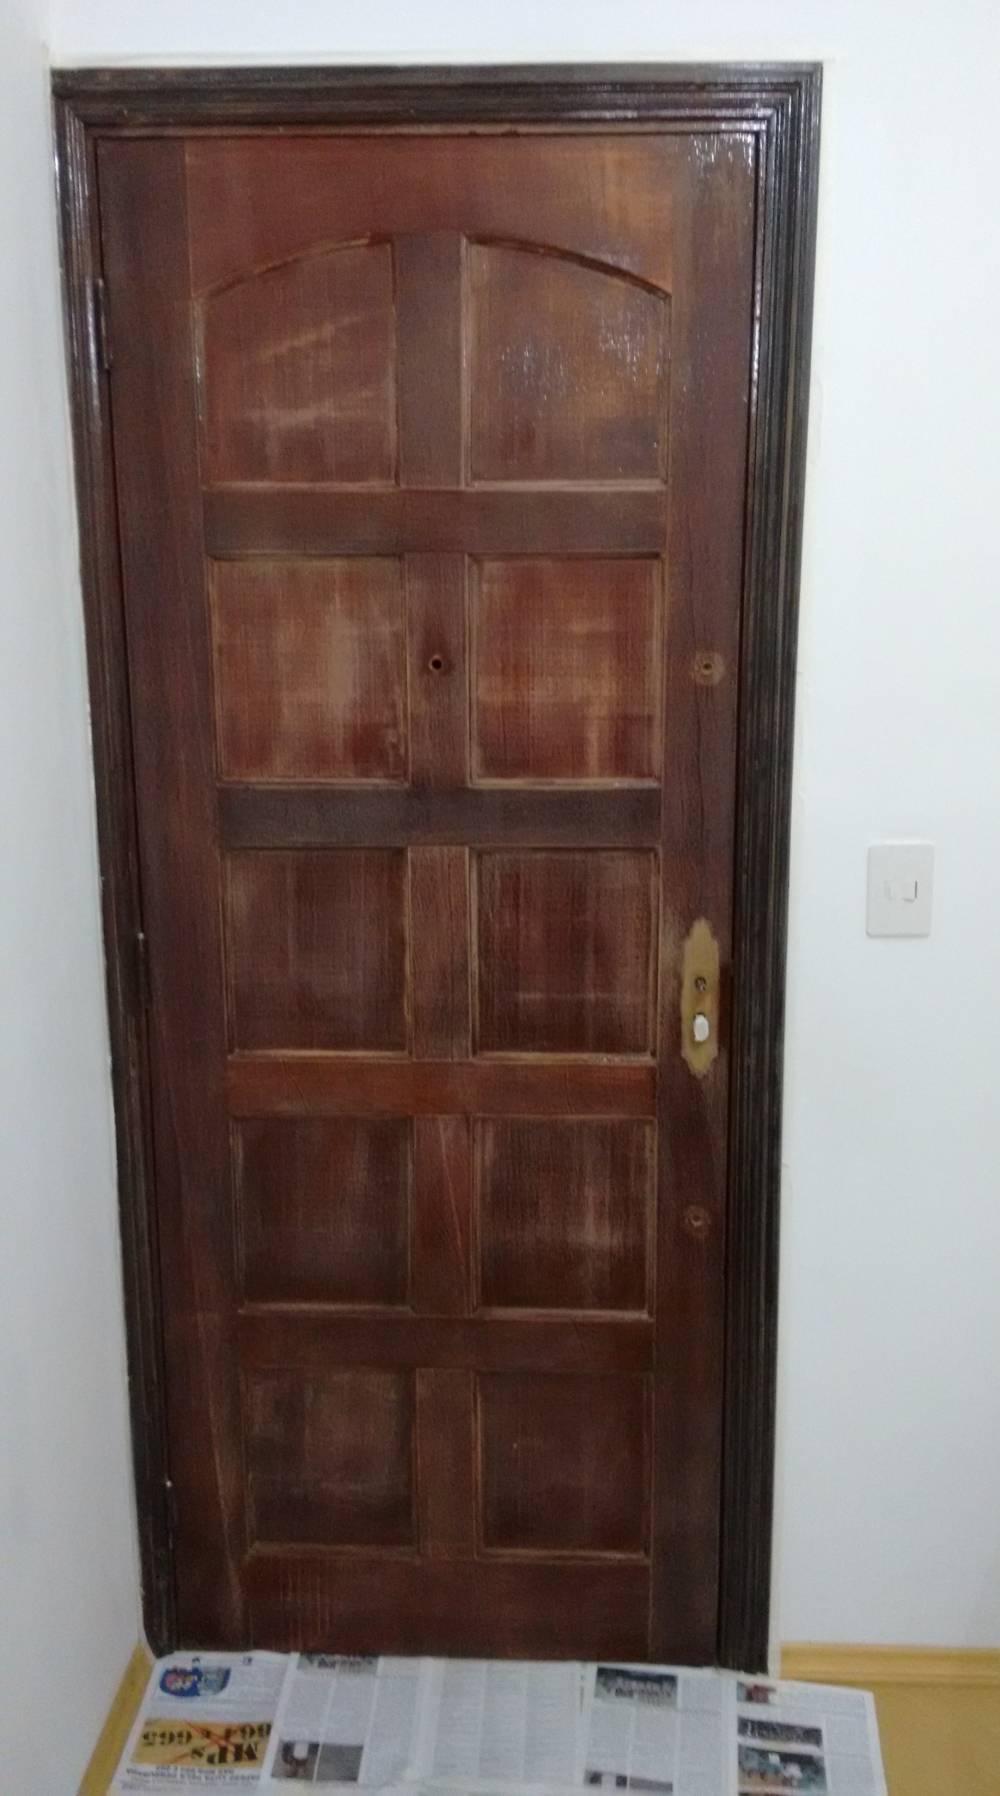 Contratar Quem Faça Reparos Residenciais na Cidade Patriarca - Reparos Residenciais em São Paulo